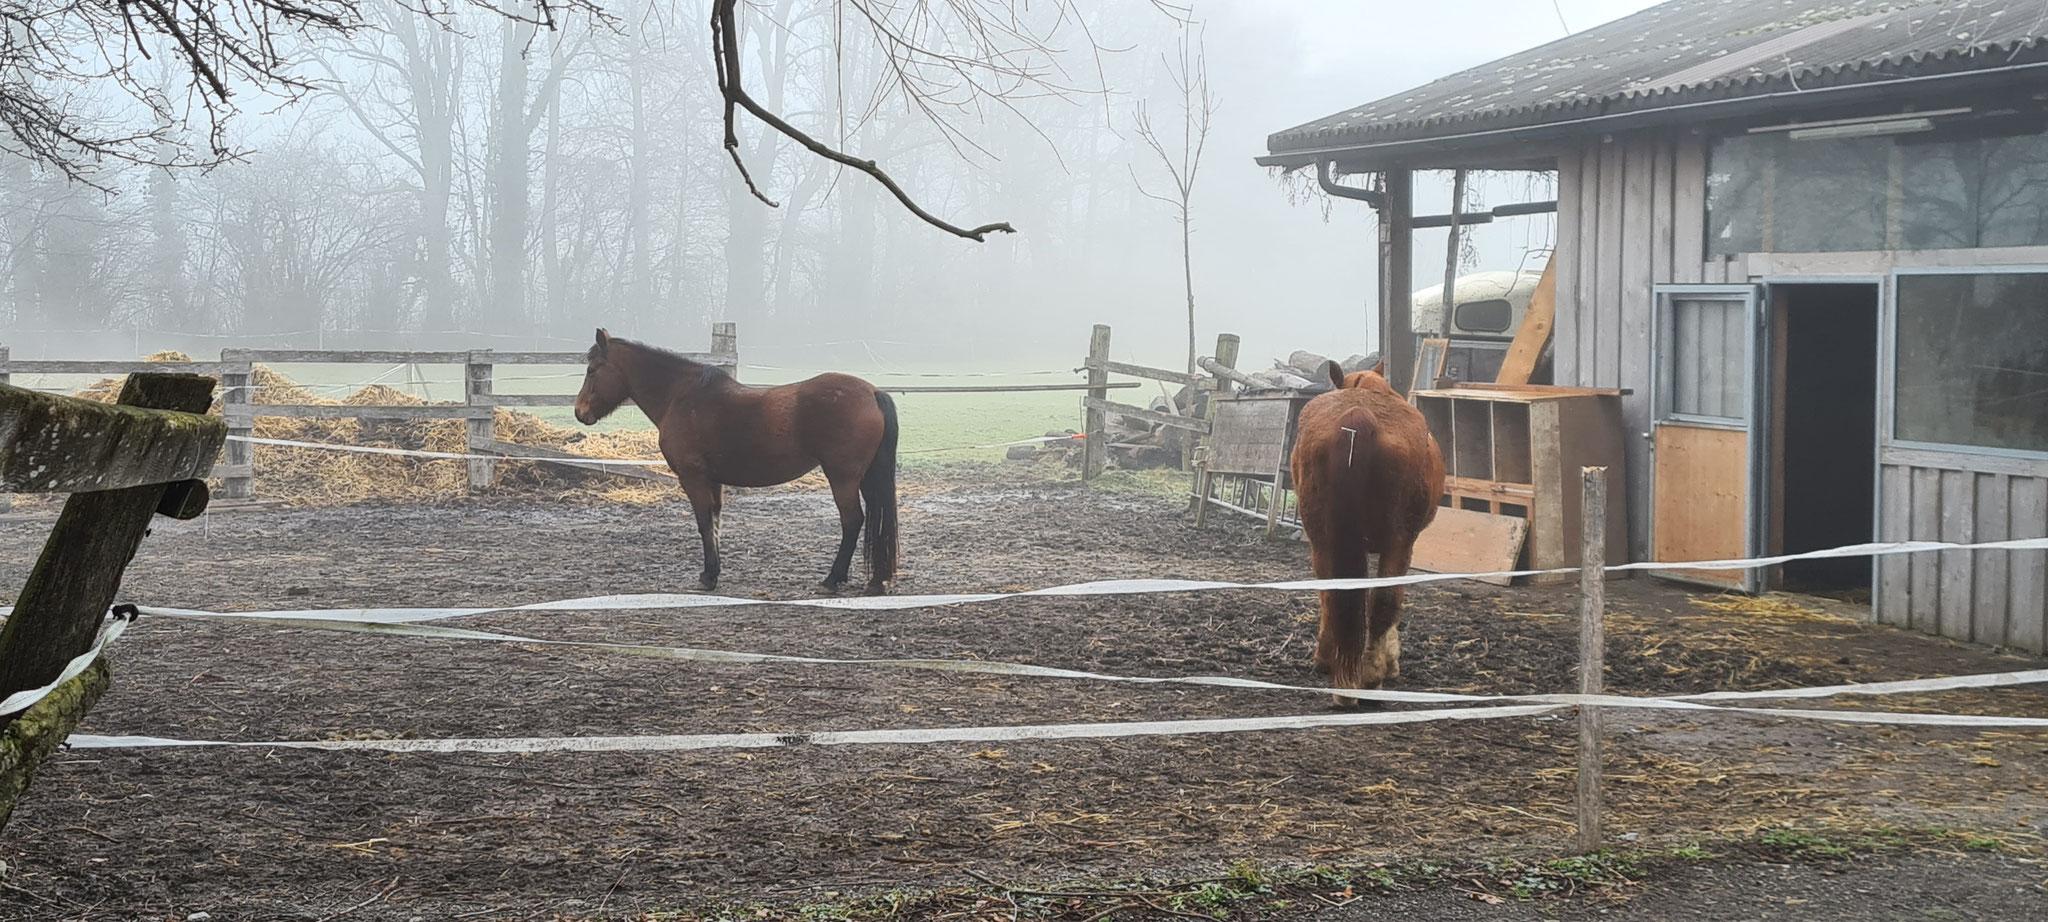 Wir haben es besser als die Pferde...